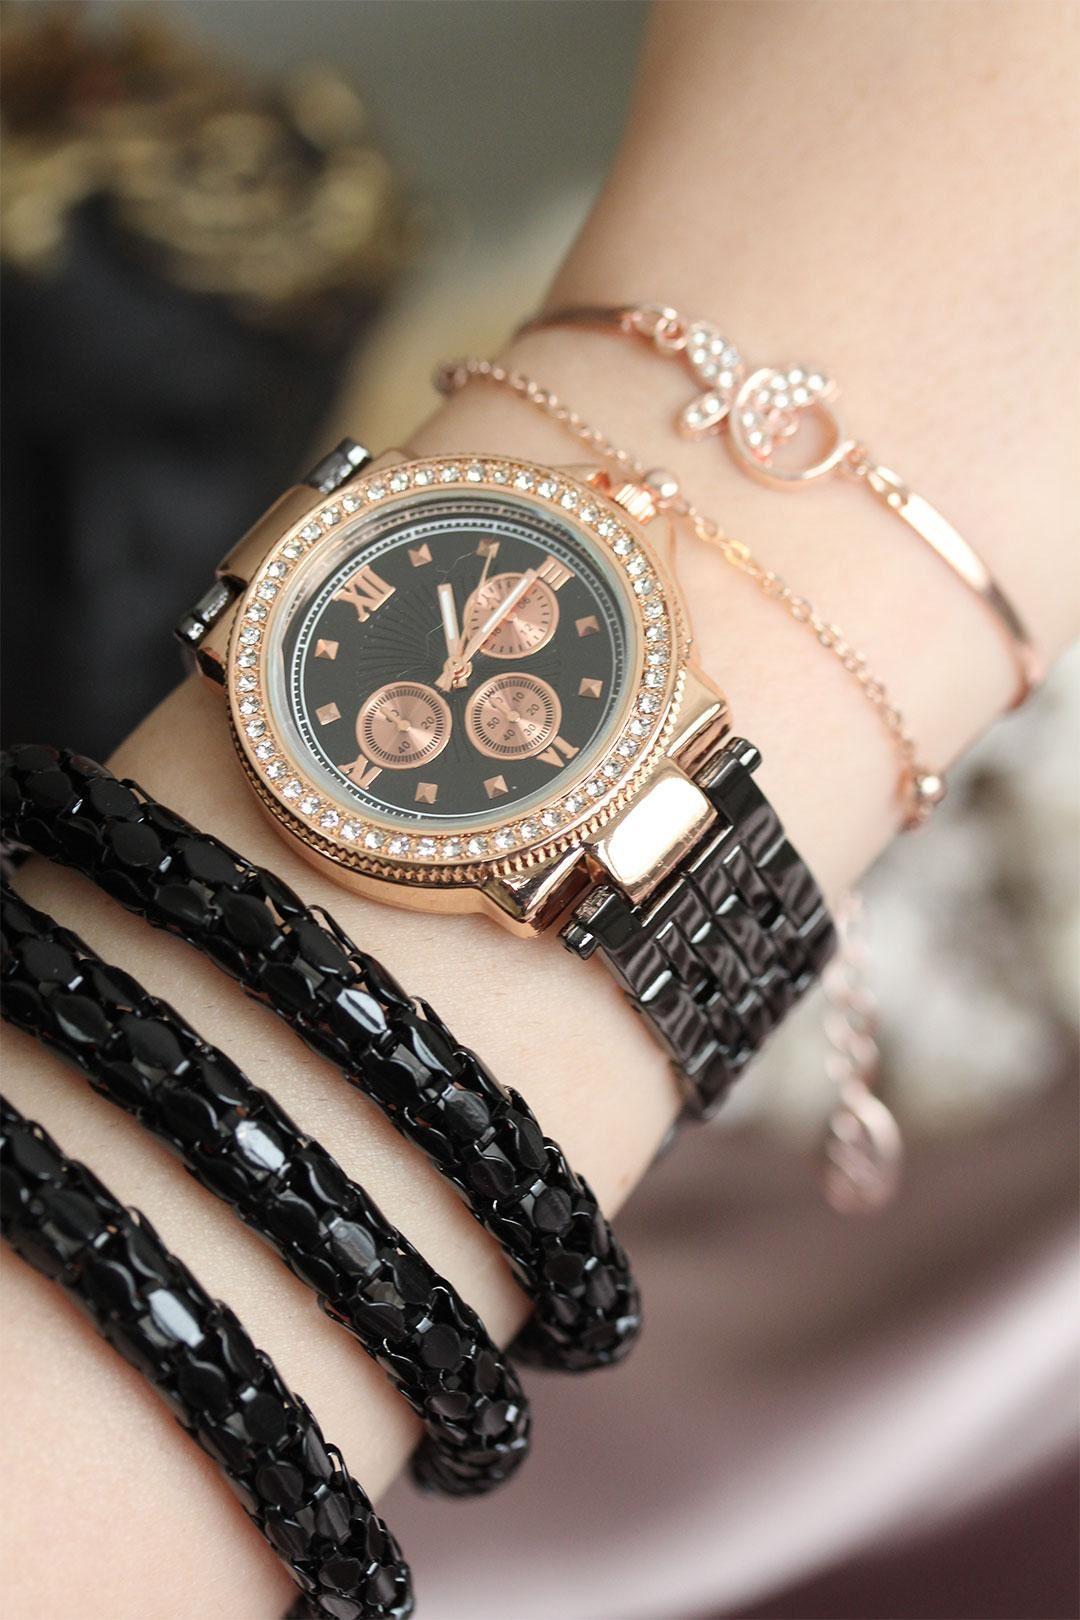 Füme Renk Zirkon Taşlı Roma Rakamlı Kadın Saat ve Bileklik Kombini